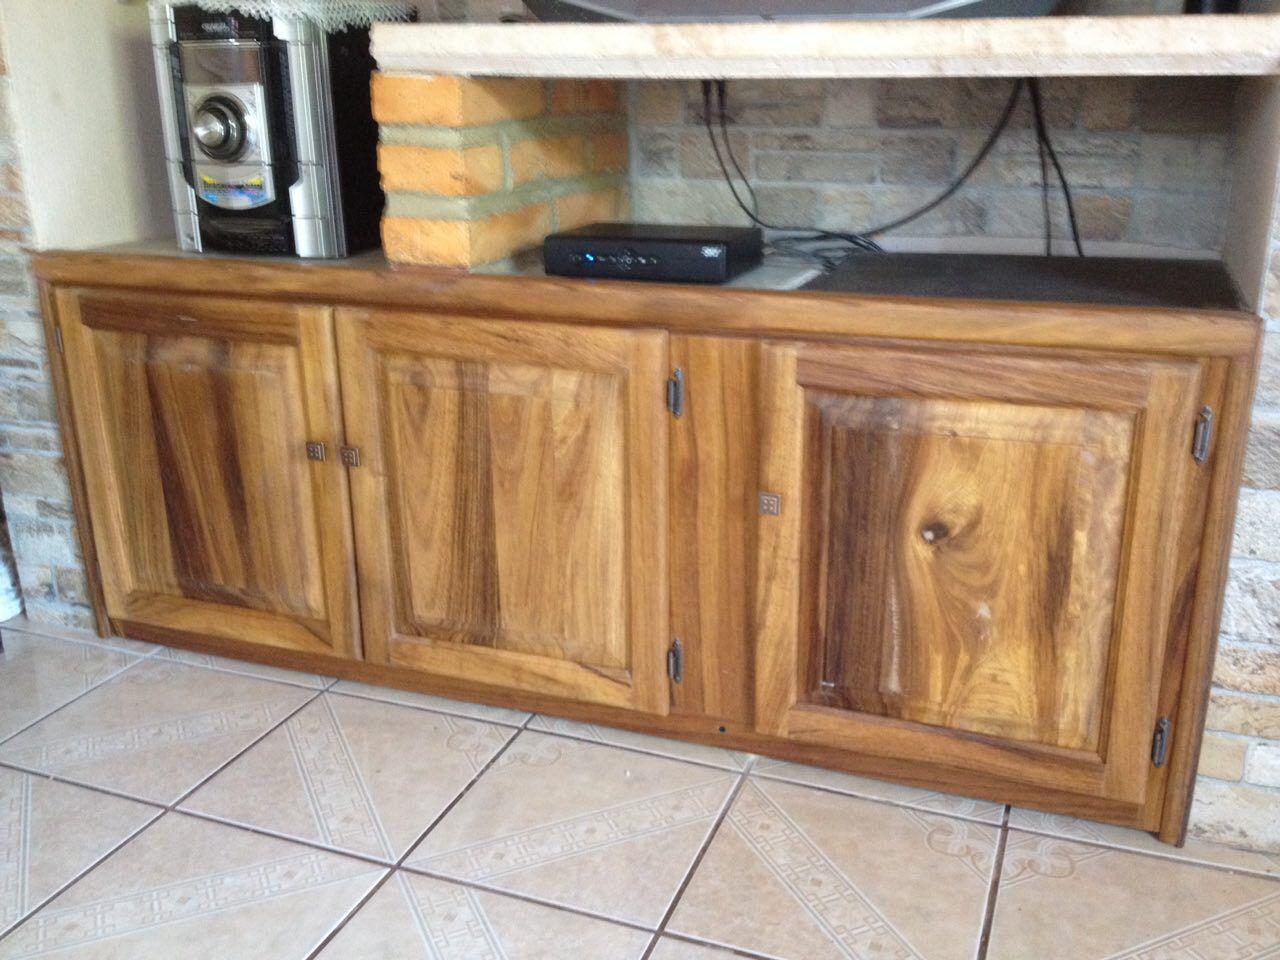 Mueble en madera de parota tipo rstico  Puertas Langarica  Pinterest  Muebles en madera Rstico y Madera